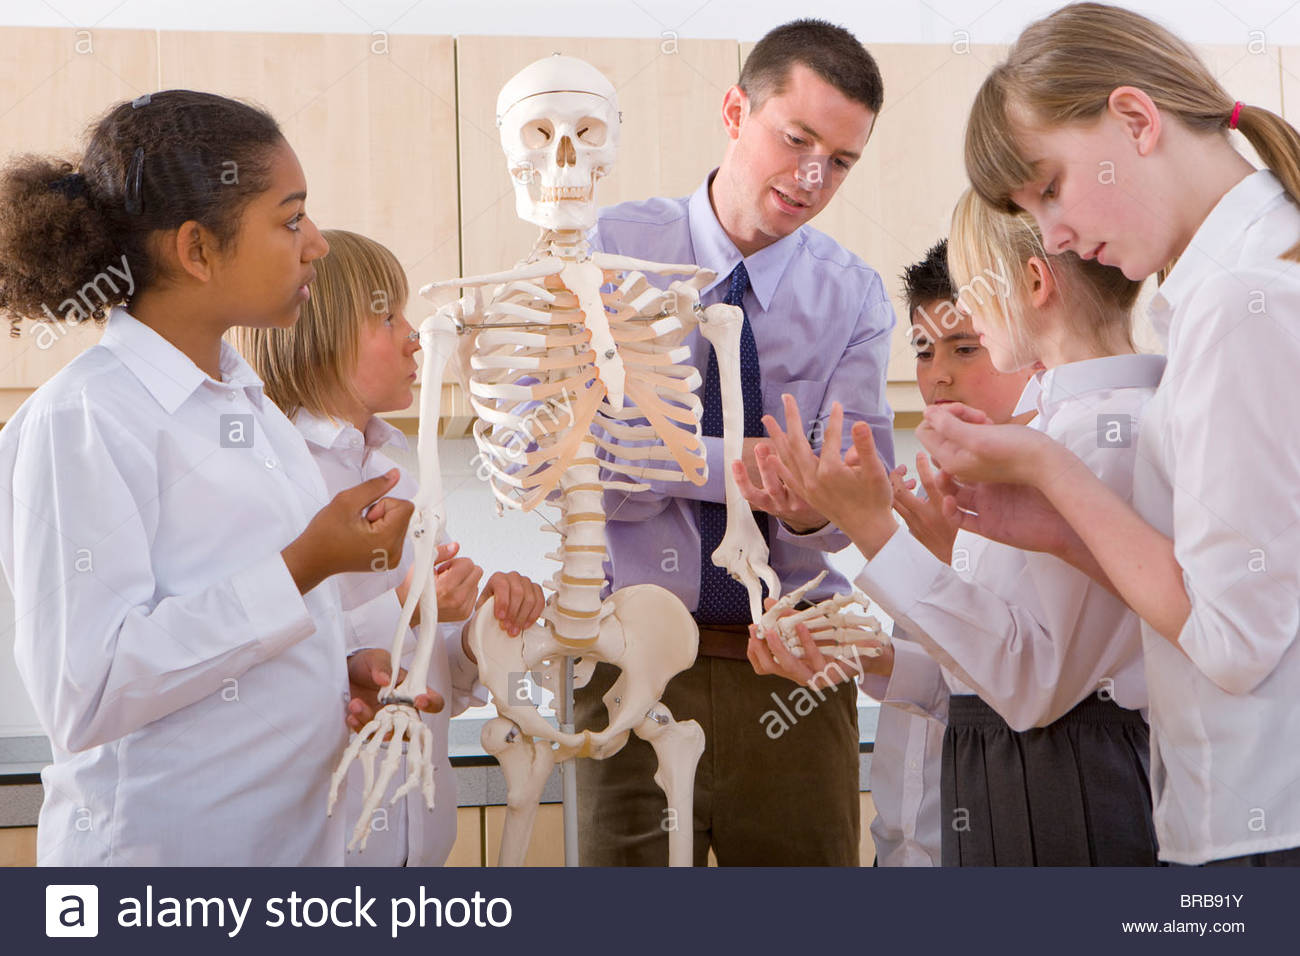 School children listening to biology teacher explain human skeleton - Stock Image